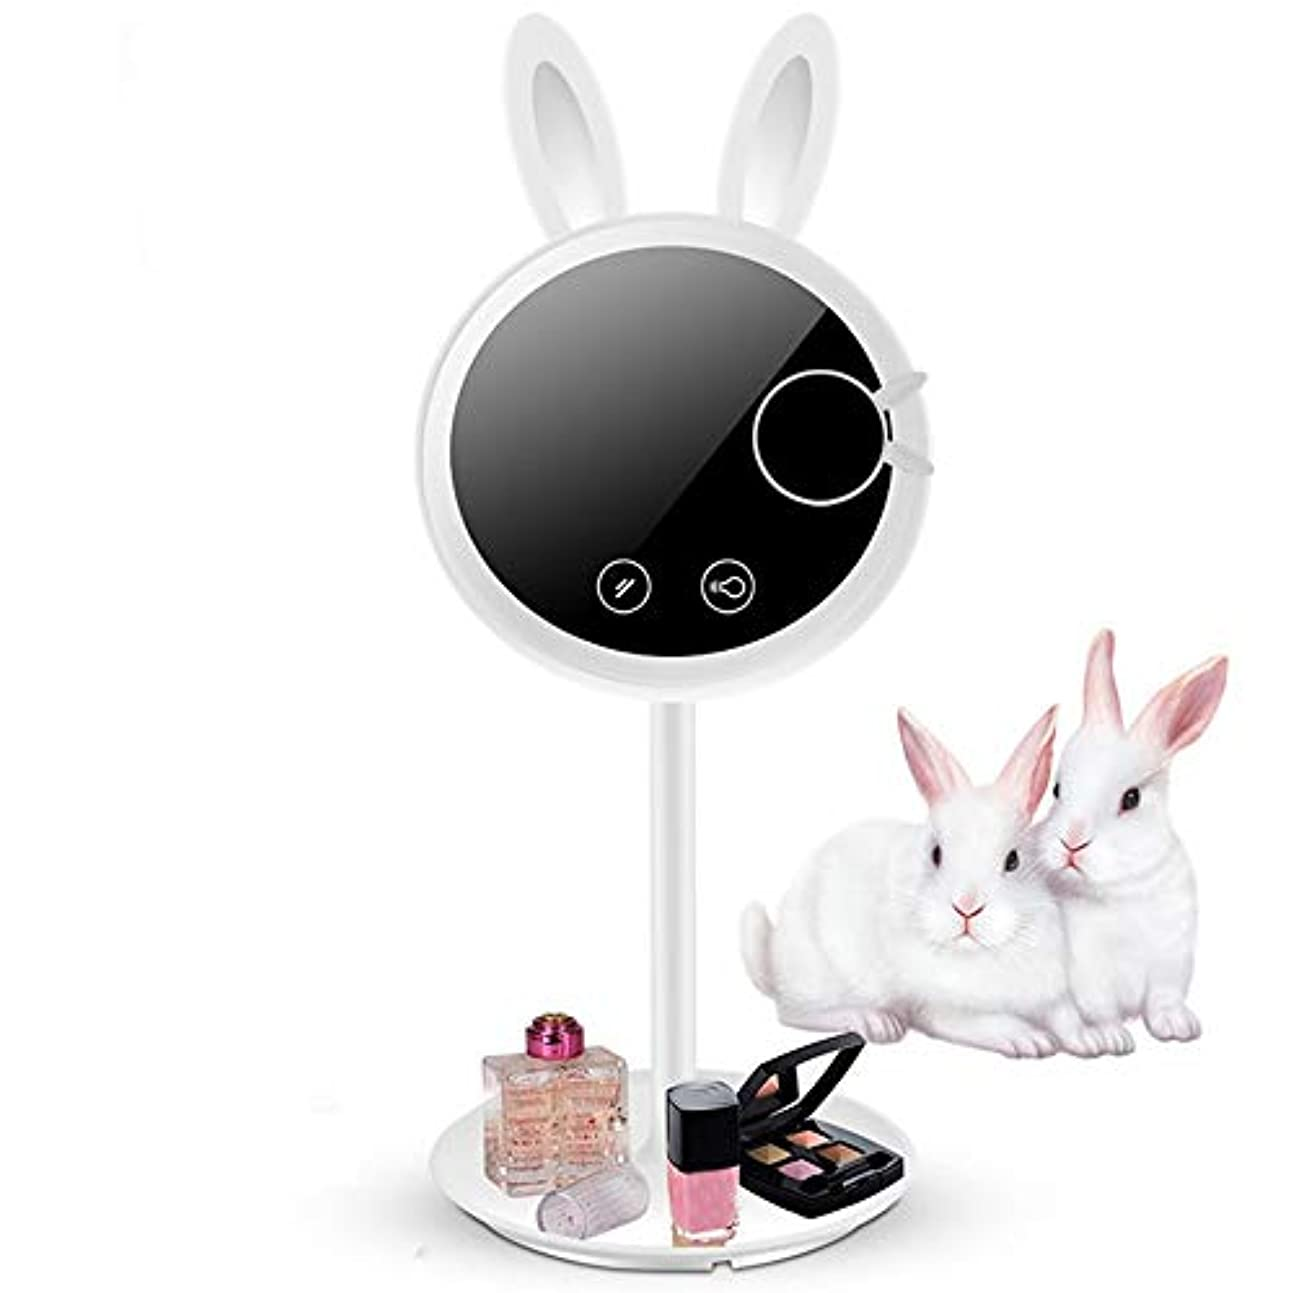 パール音楽家仕える流行の 新しいバニーLEDフィルライト化粧鏡と光インテリジェントフィルライトデスクトップ化粧鏡ABS小さなギフトホワイト